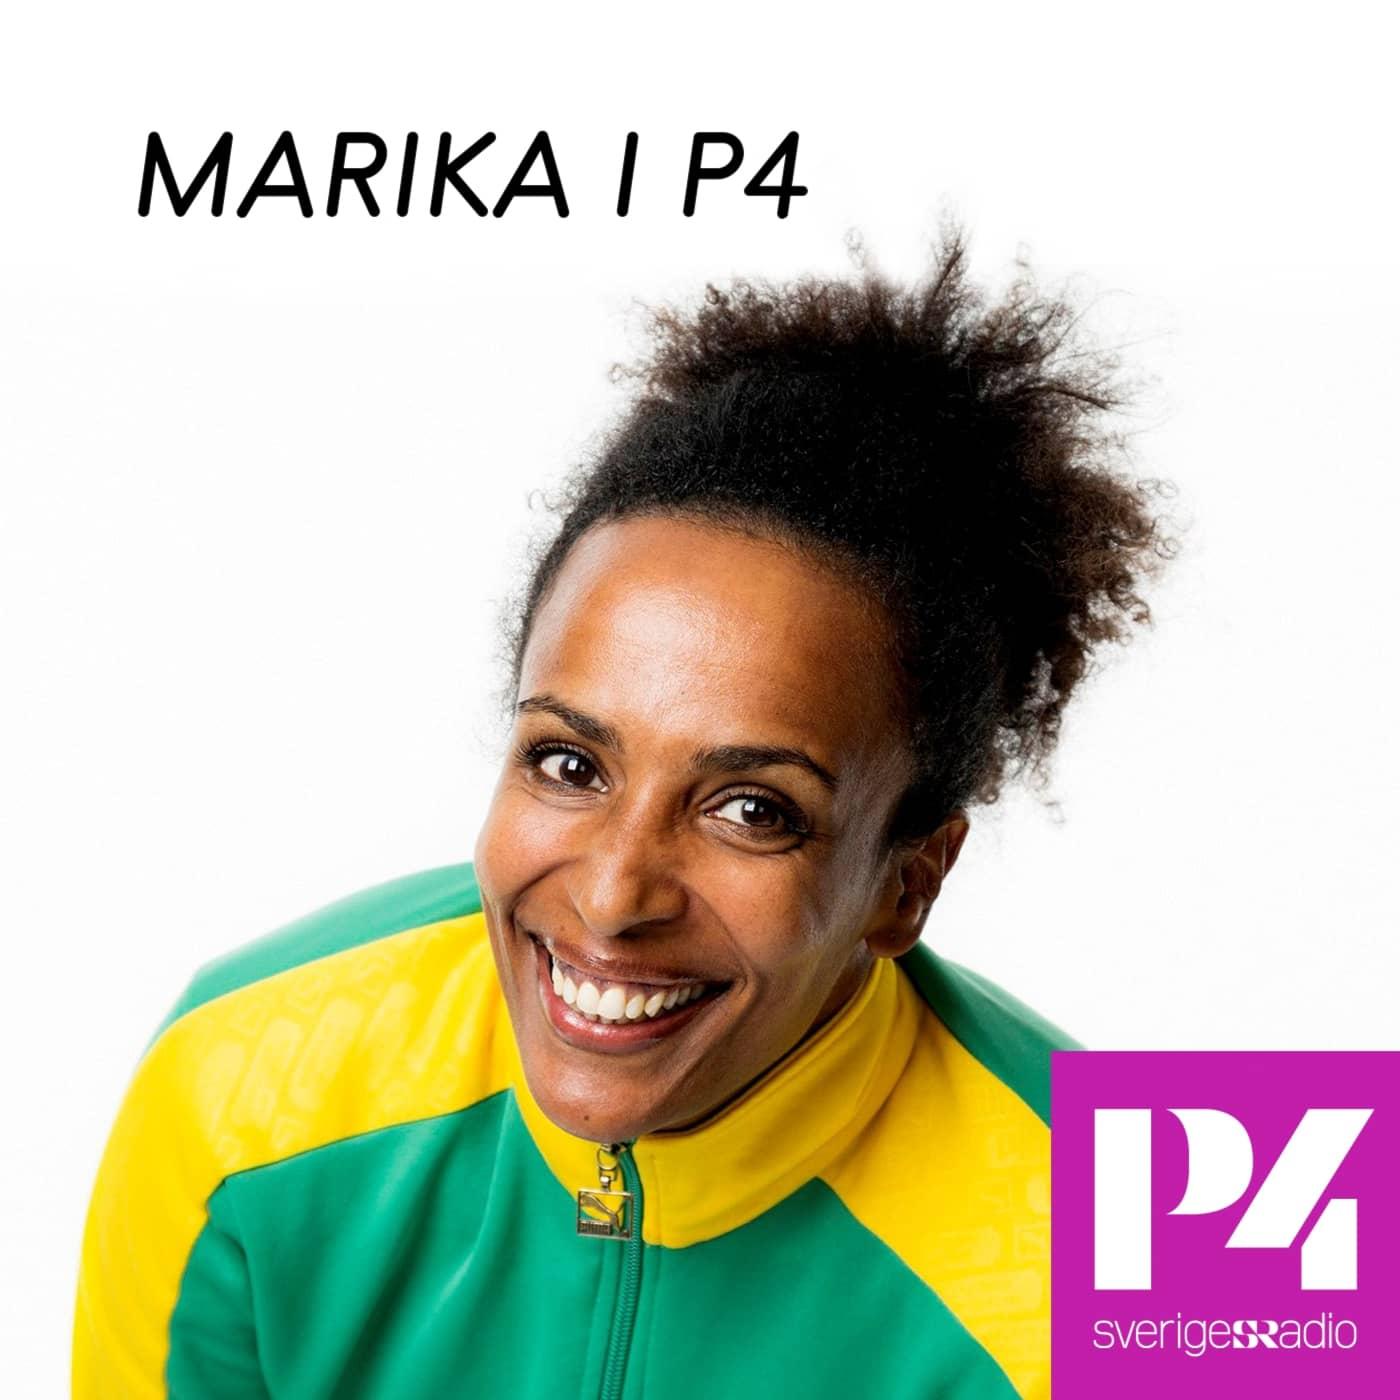 Marika i P4